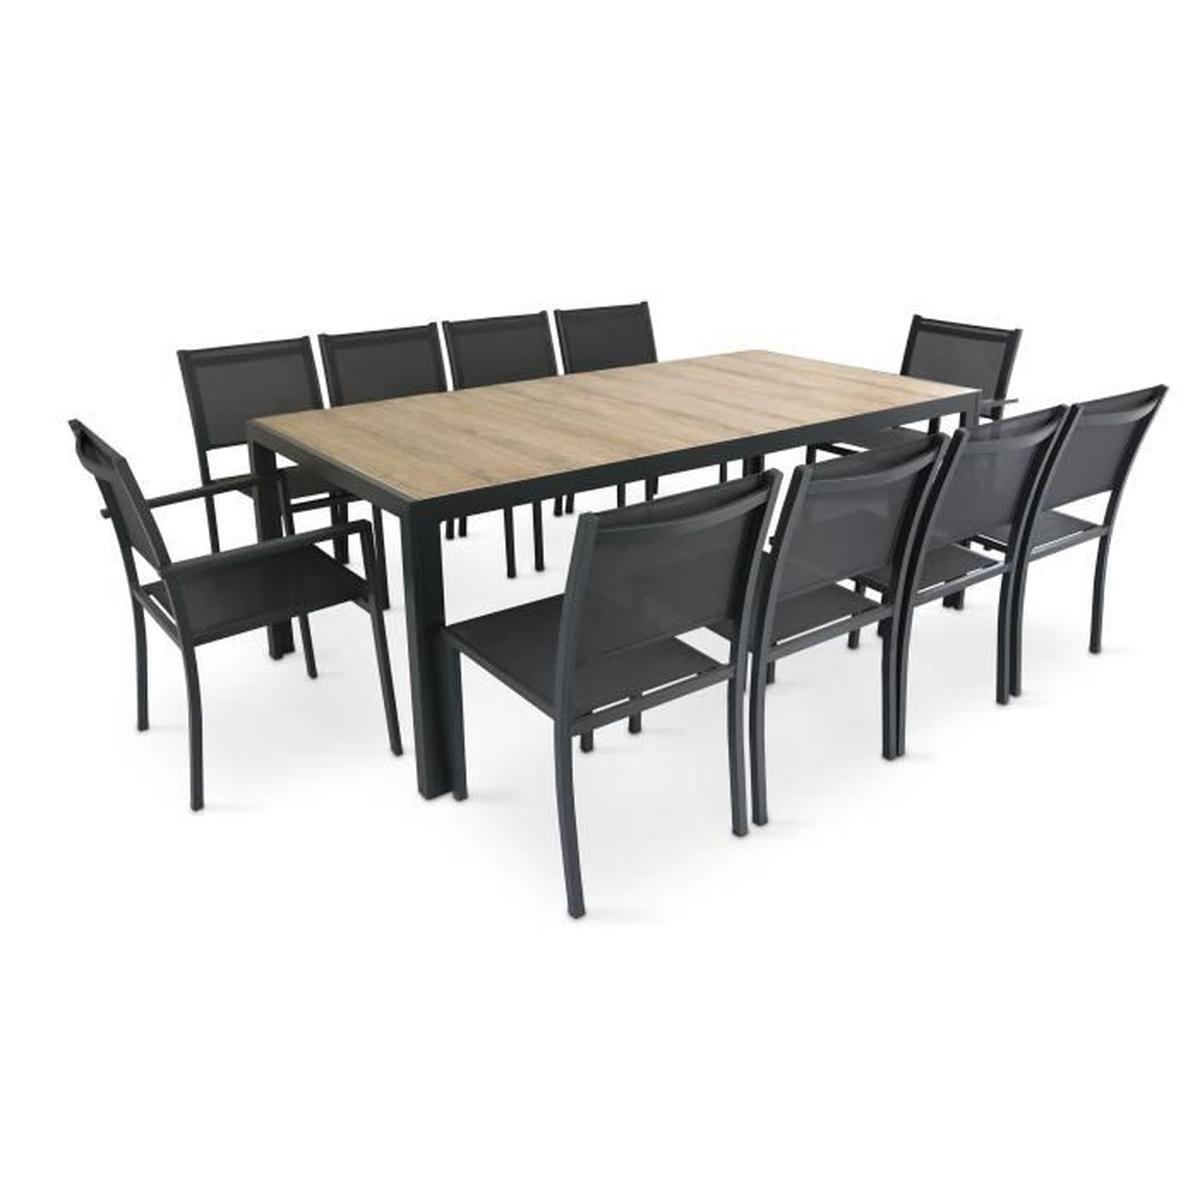 Table De Jardin 10 Places Aluminium Et Céramique - Ensemble ... destiné Table Exterieur 4 Personnes